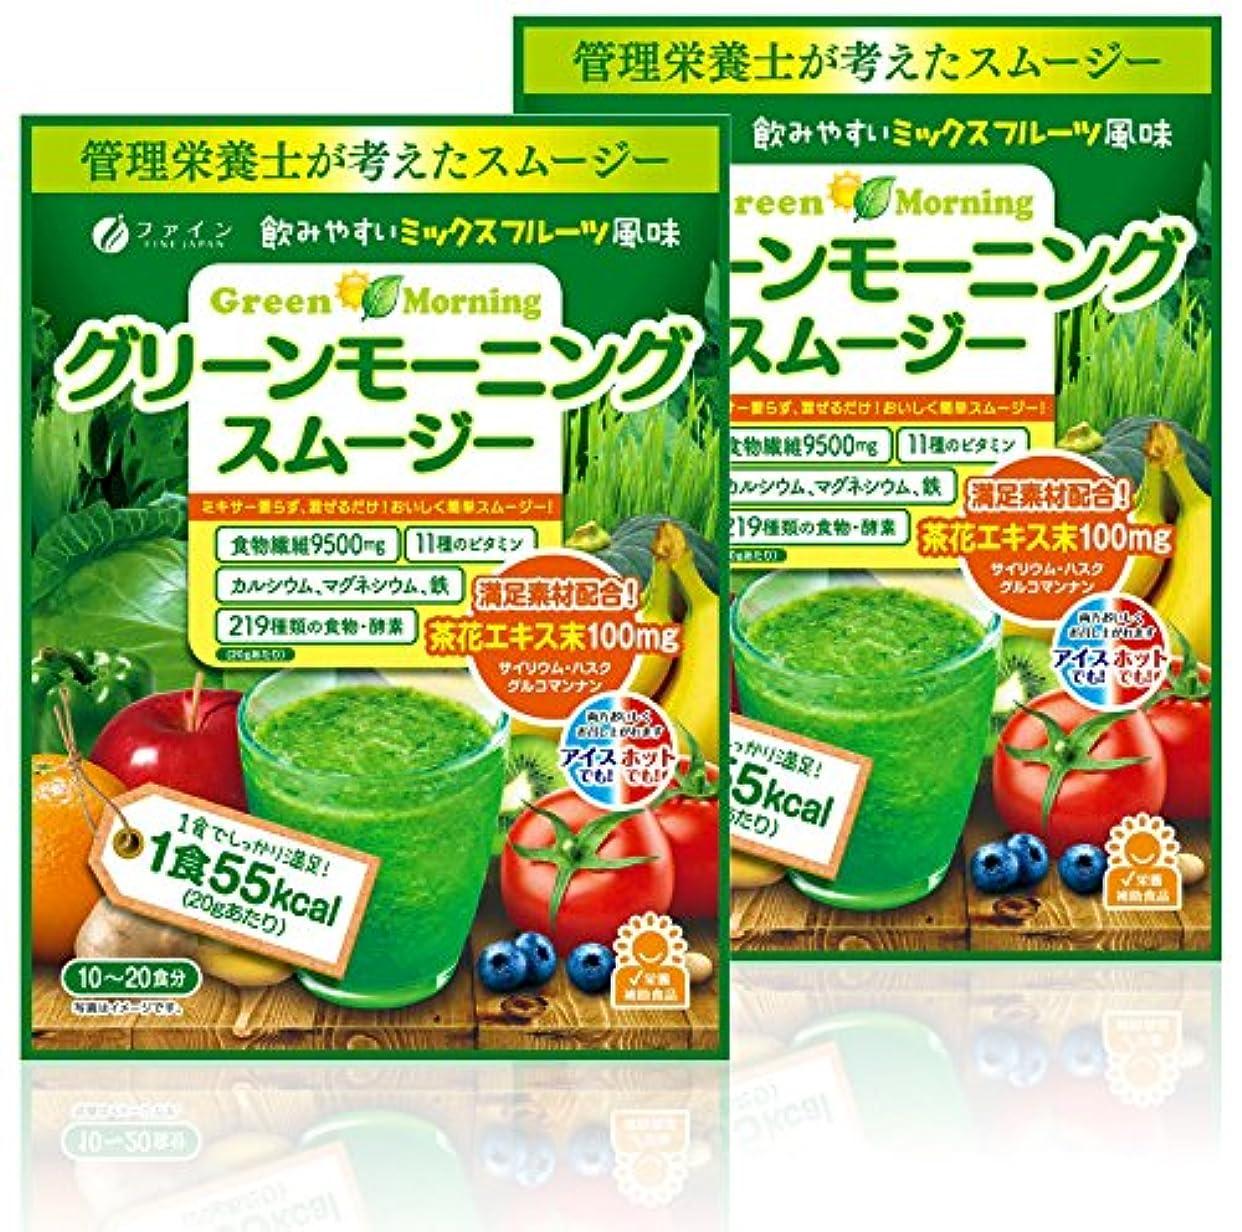 項目樫の木用語集ファイン グリーンモーニングスムージー 食物繊維9.5g 植物酵素配合 (200g入)×2袋セット